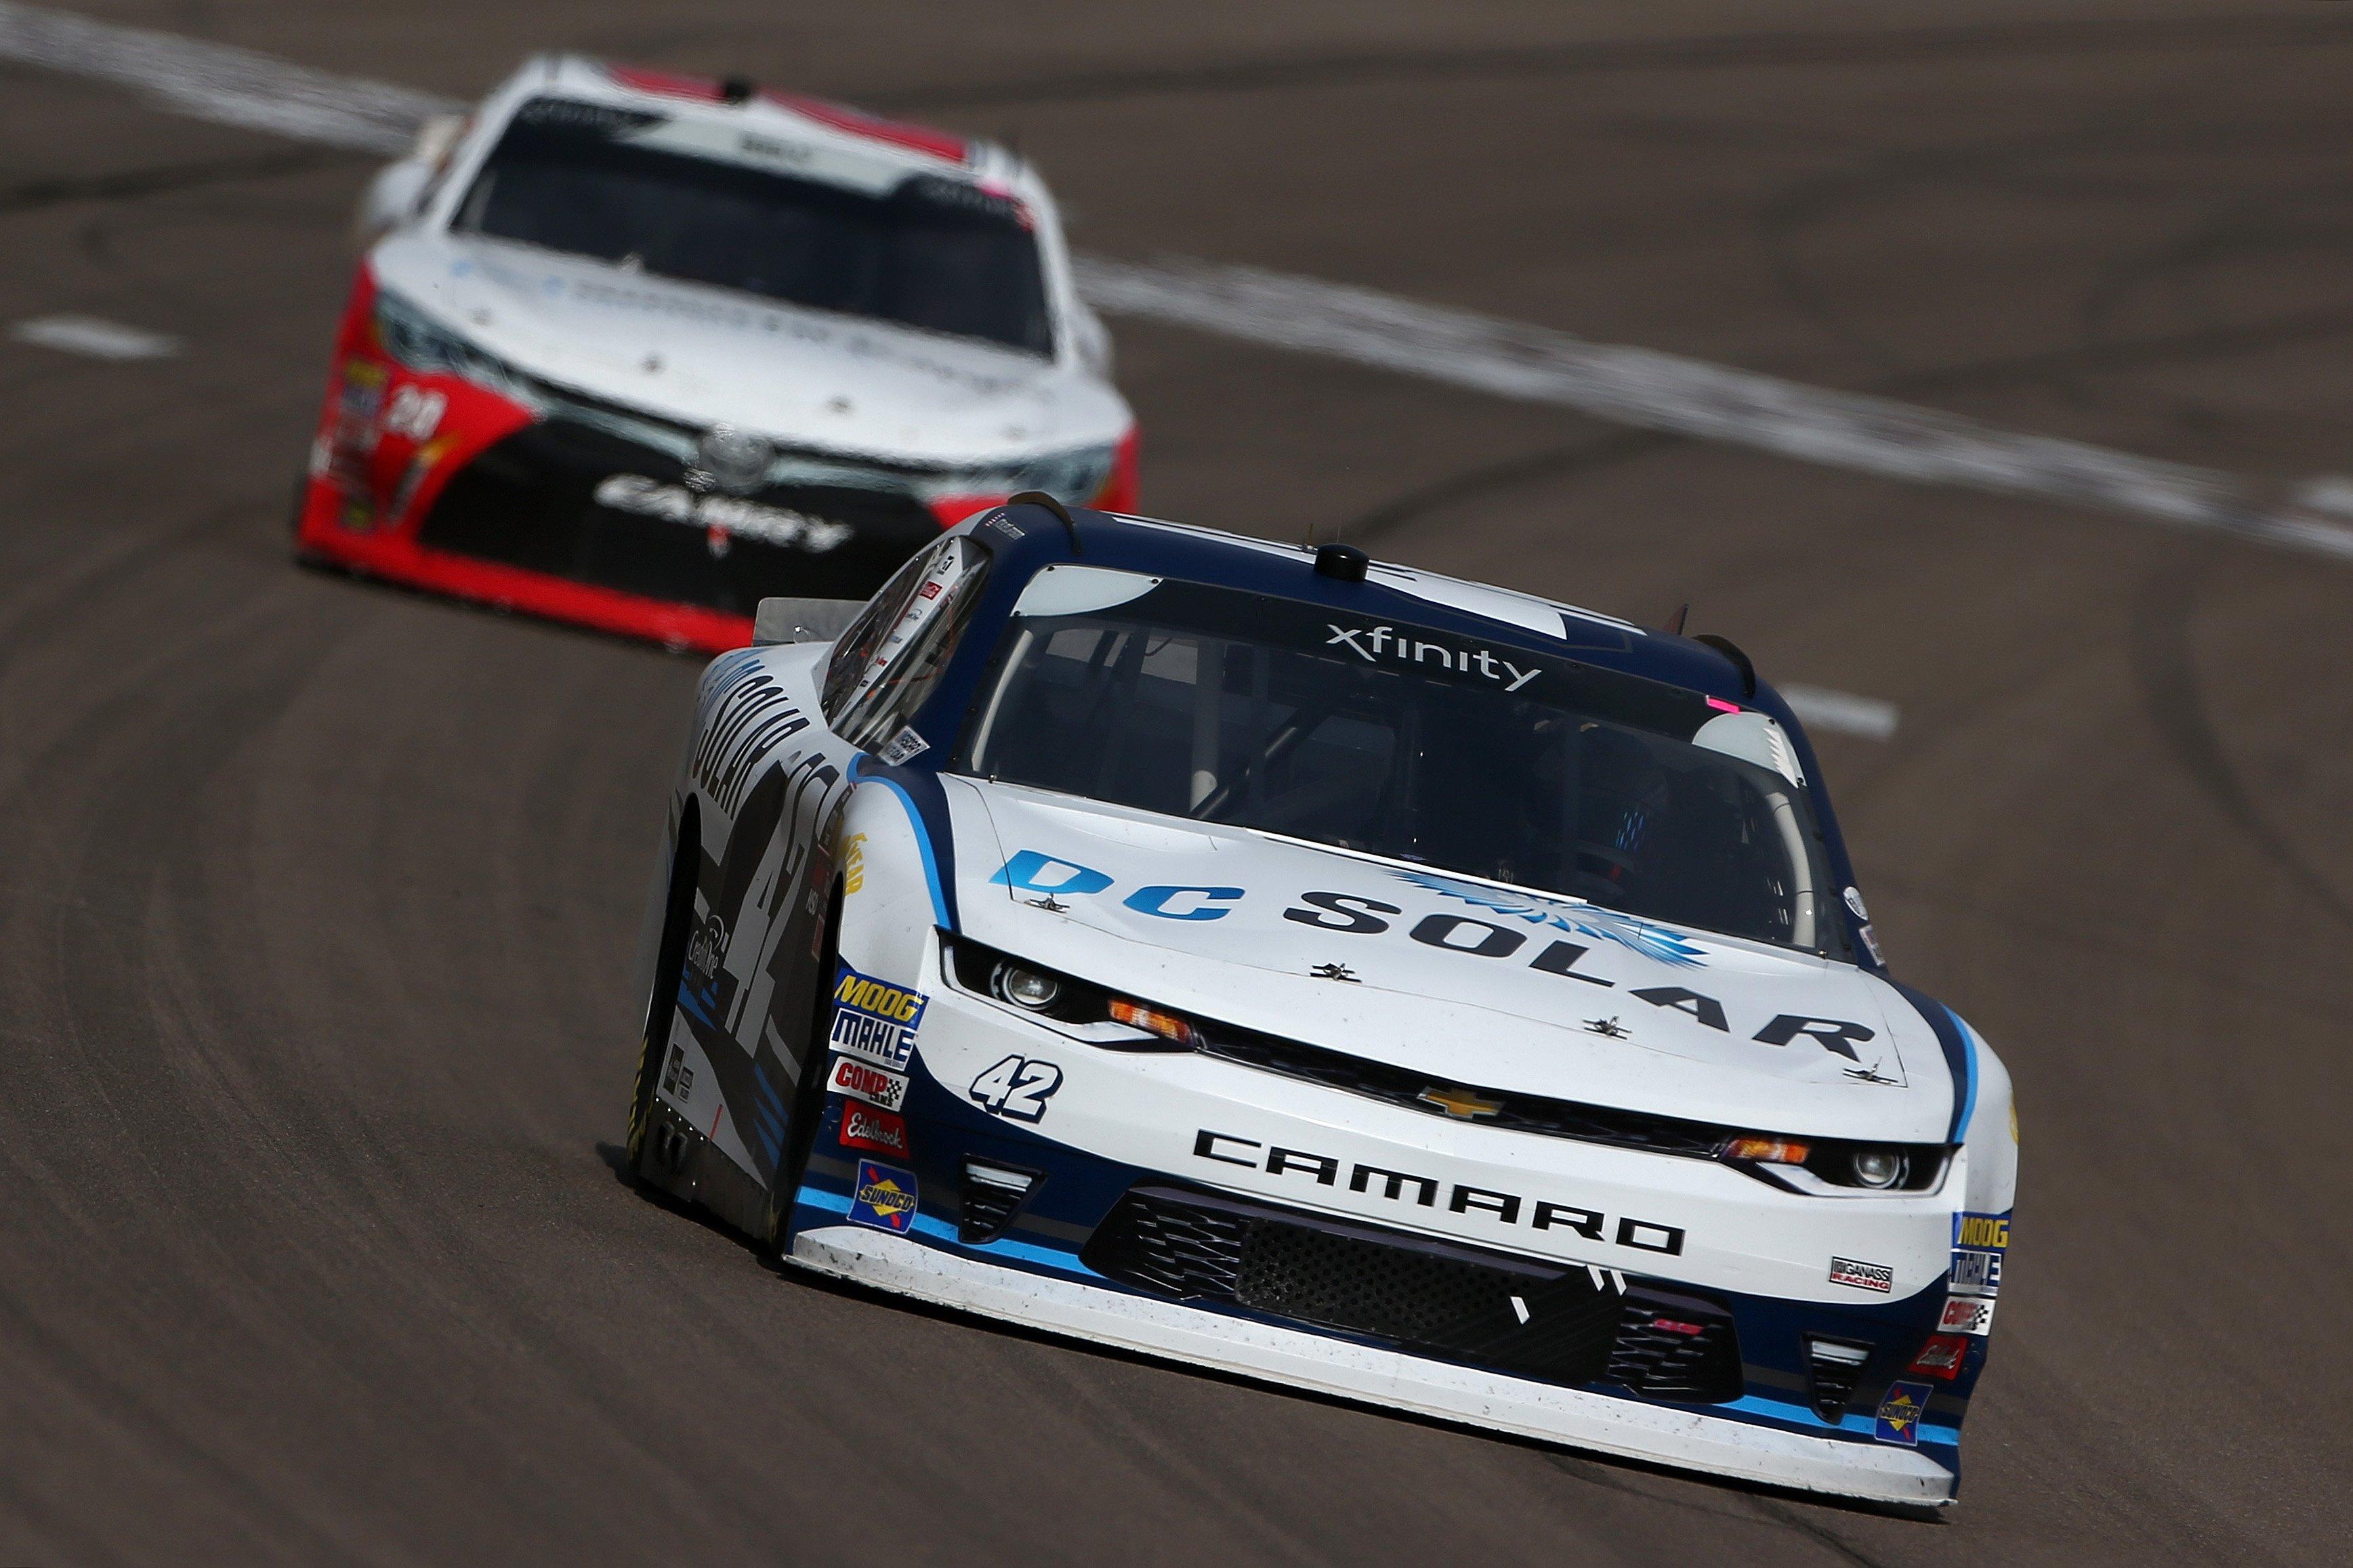 Kyle Larson leads at Las Vegas Motor Speedway